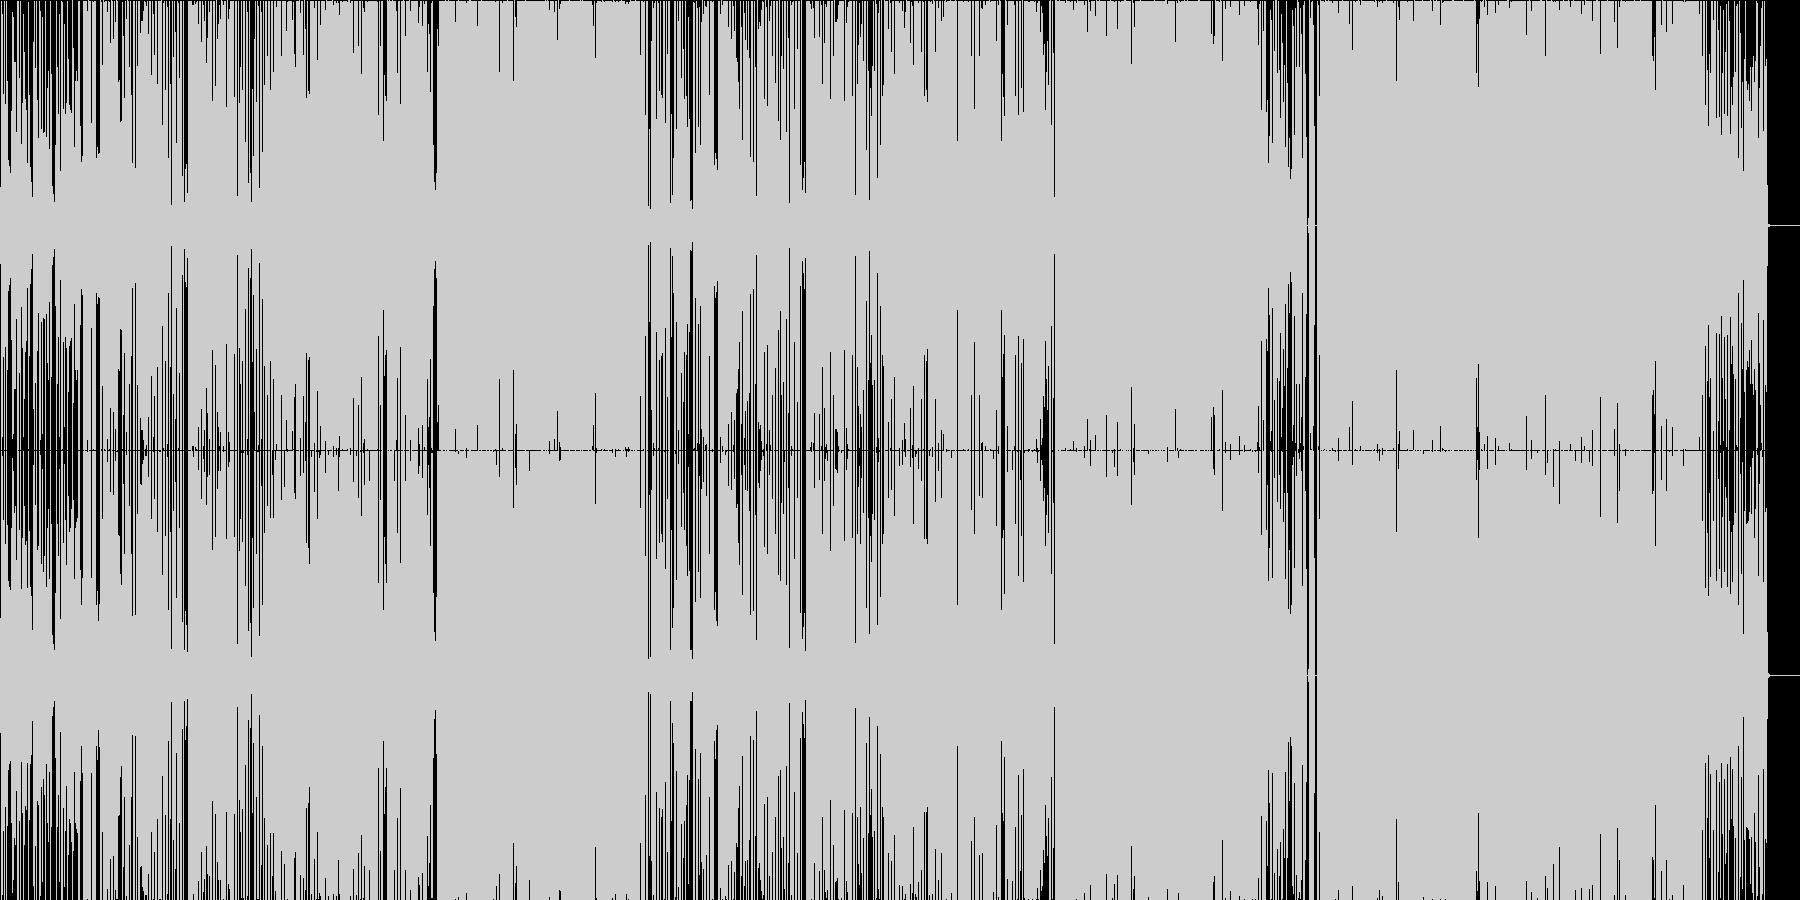 オシャレで切ない感動R&B(LO-FI)の未再生の波形